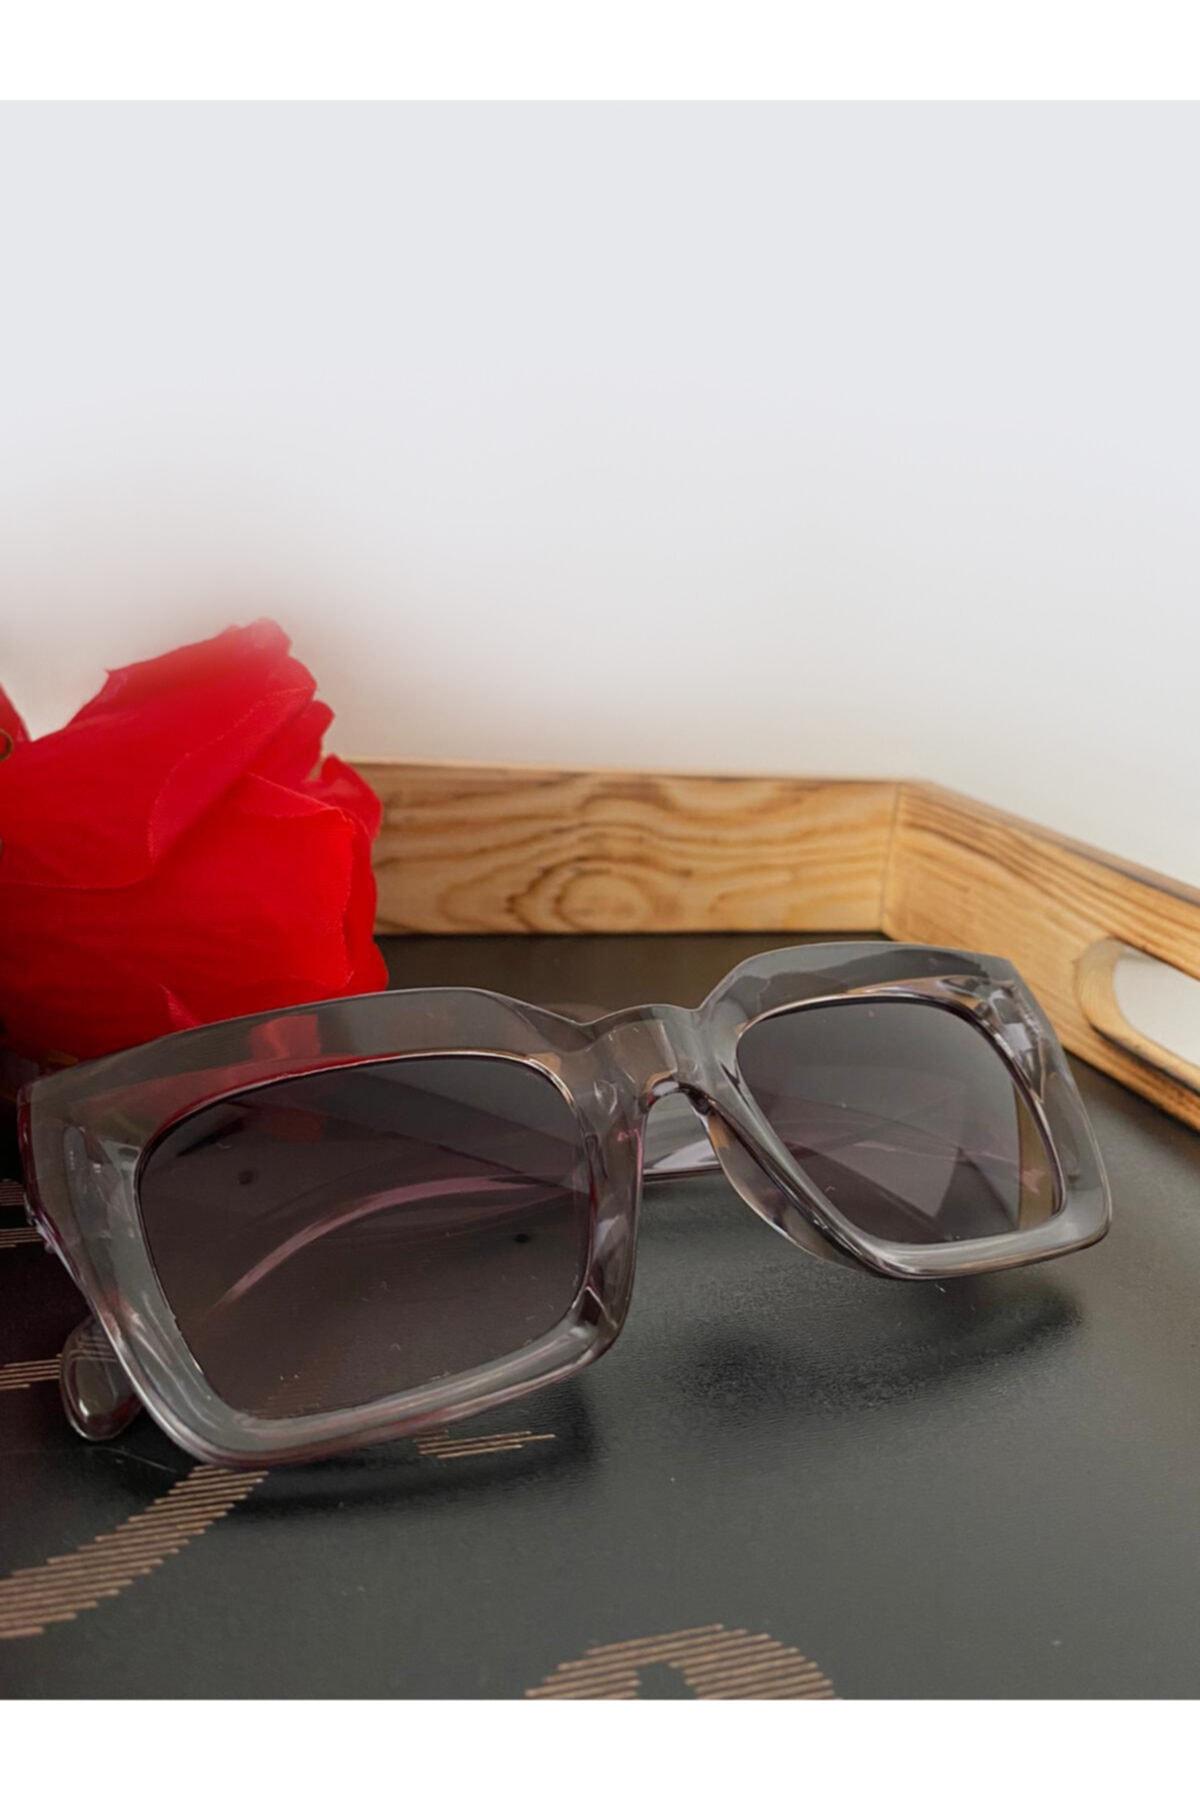 Mathilda Aksesuar Mia Kalın Çerçeveli Tasarım Gözlük Füme Çerçeve Kahve Cam 1